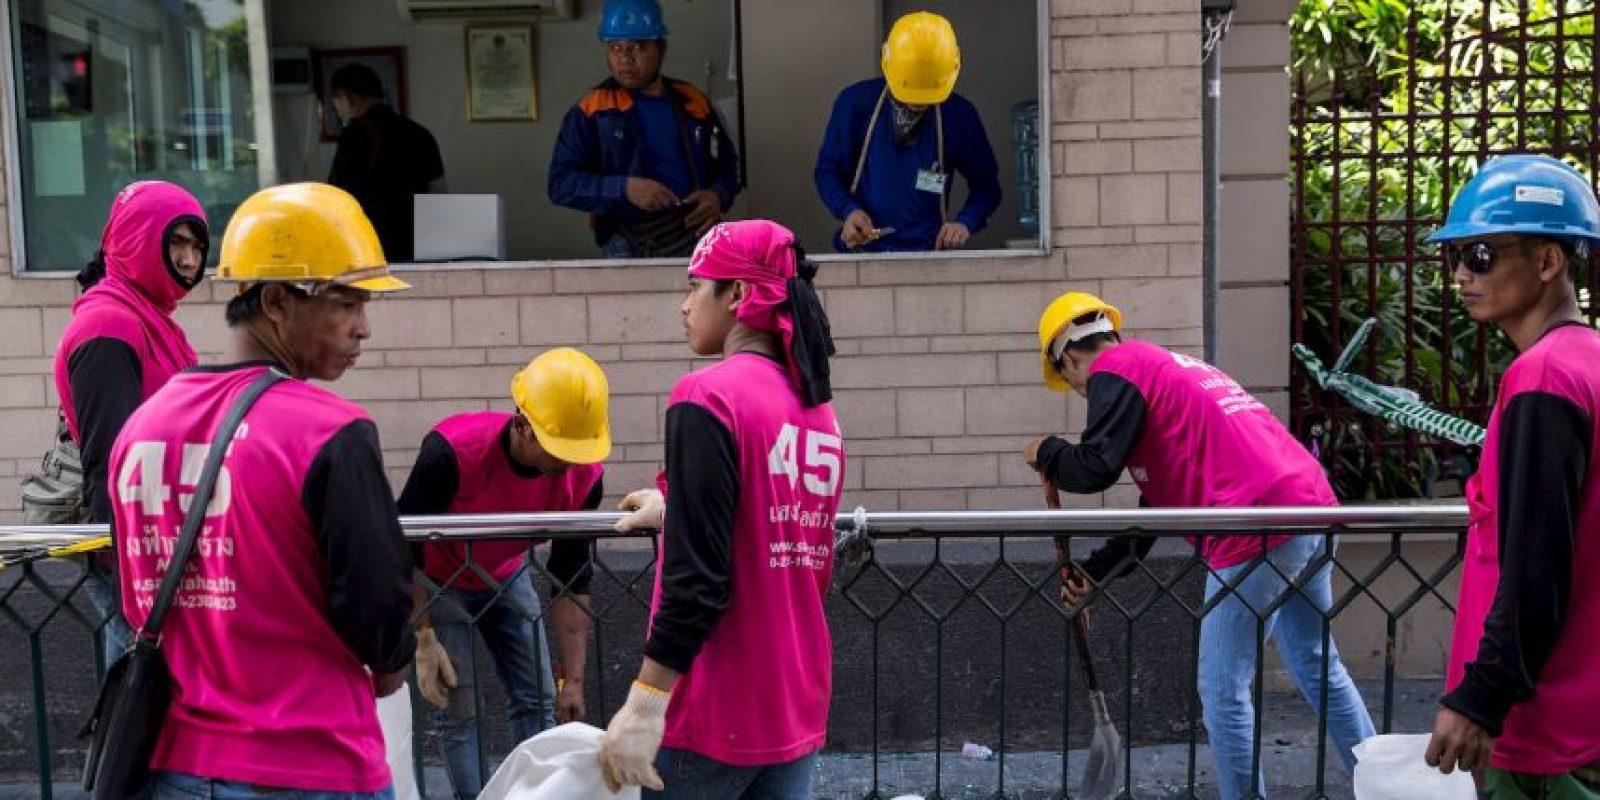 Los negocios locales buscan reabrir Foto:Getty Images